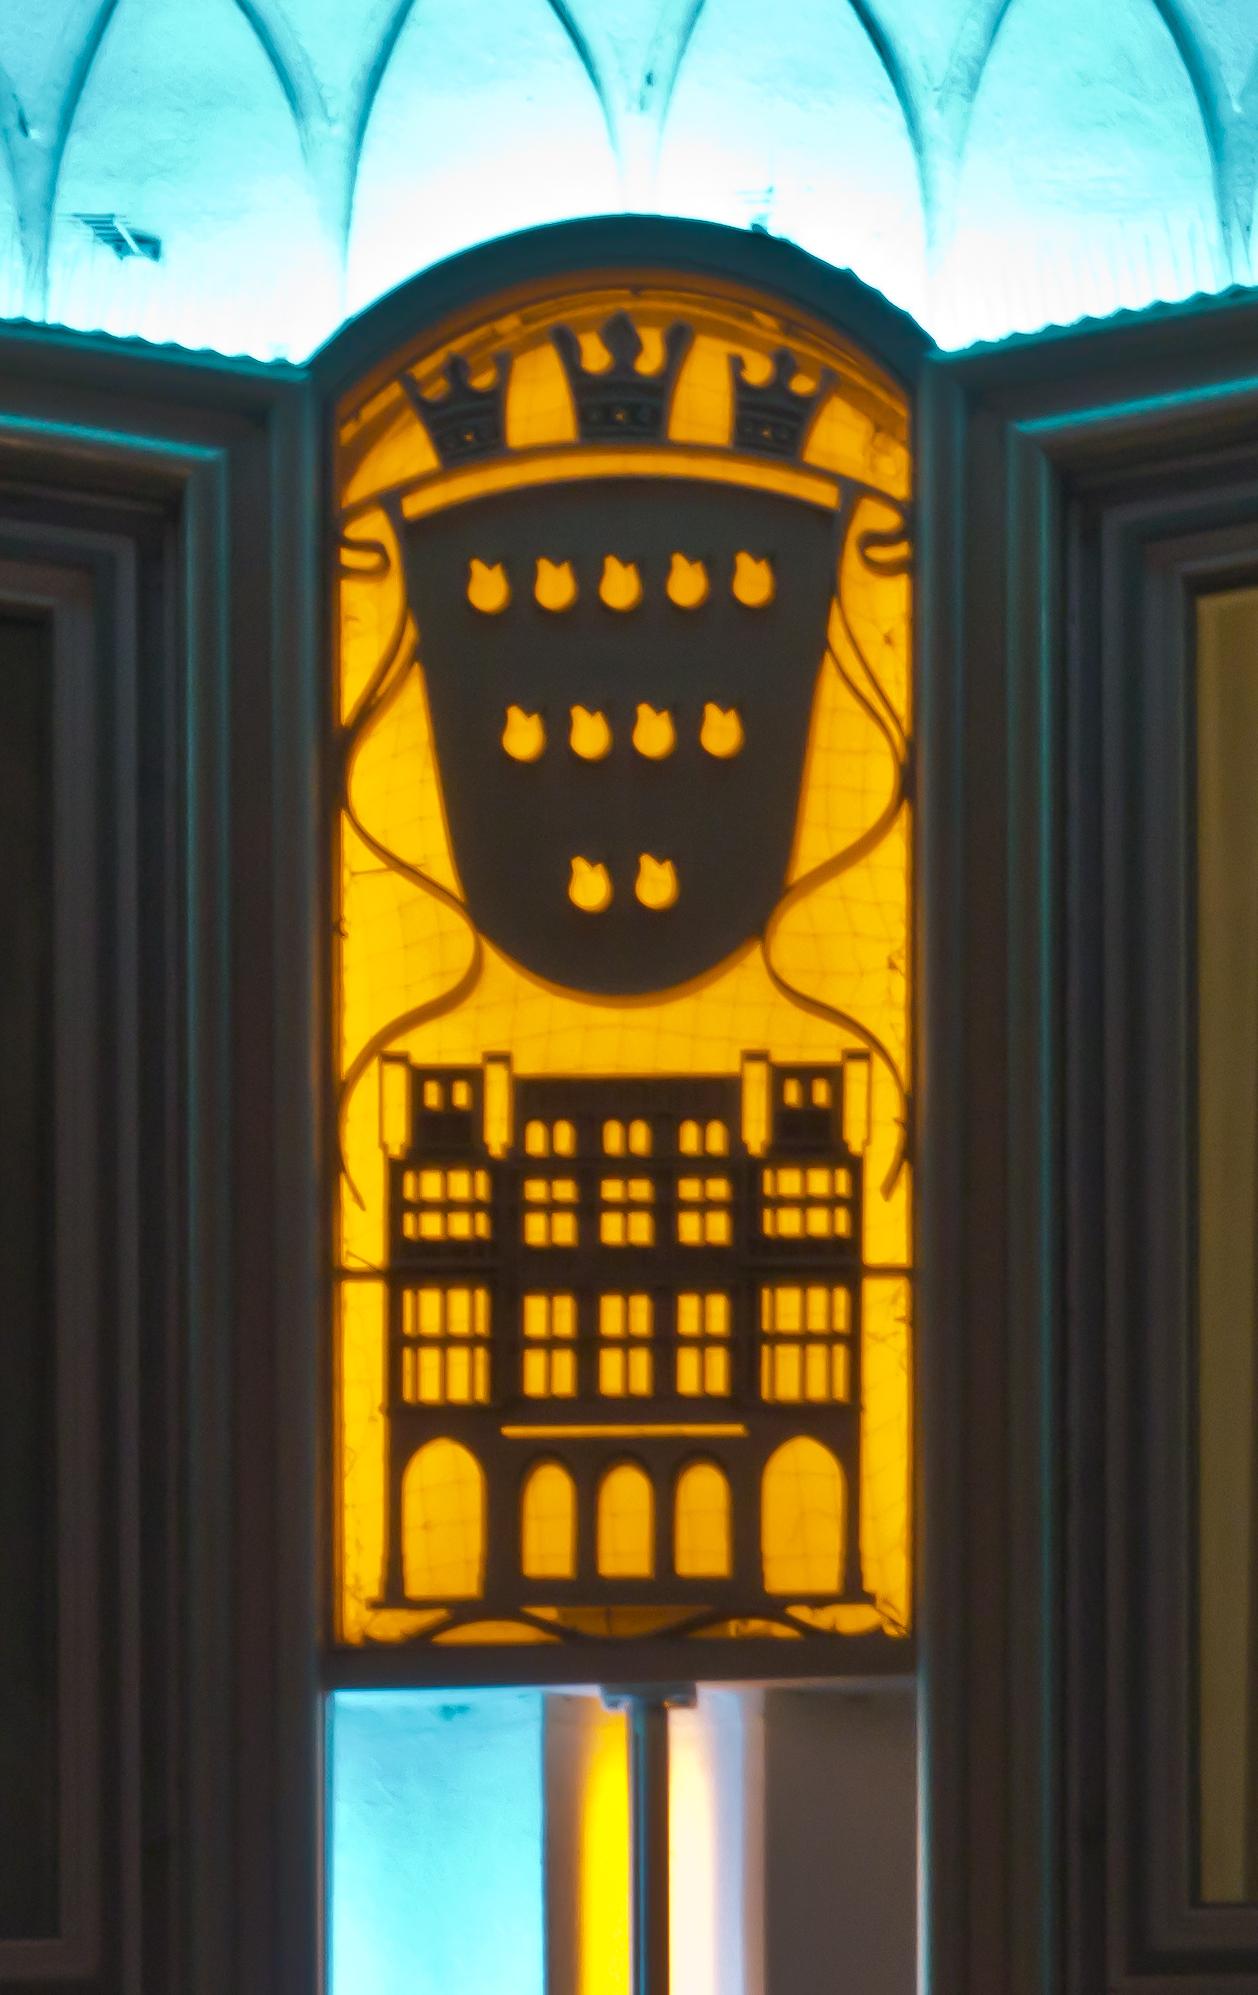 Führung Köln 50er/60er-Jahre - Blau-Gold-Haus (1952), ein Meisterwerk - bei Nacht, indirekt beleuchtet - Detail